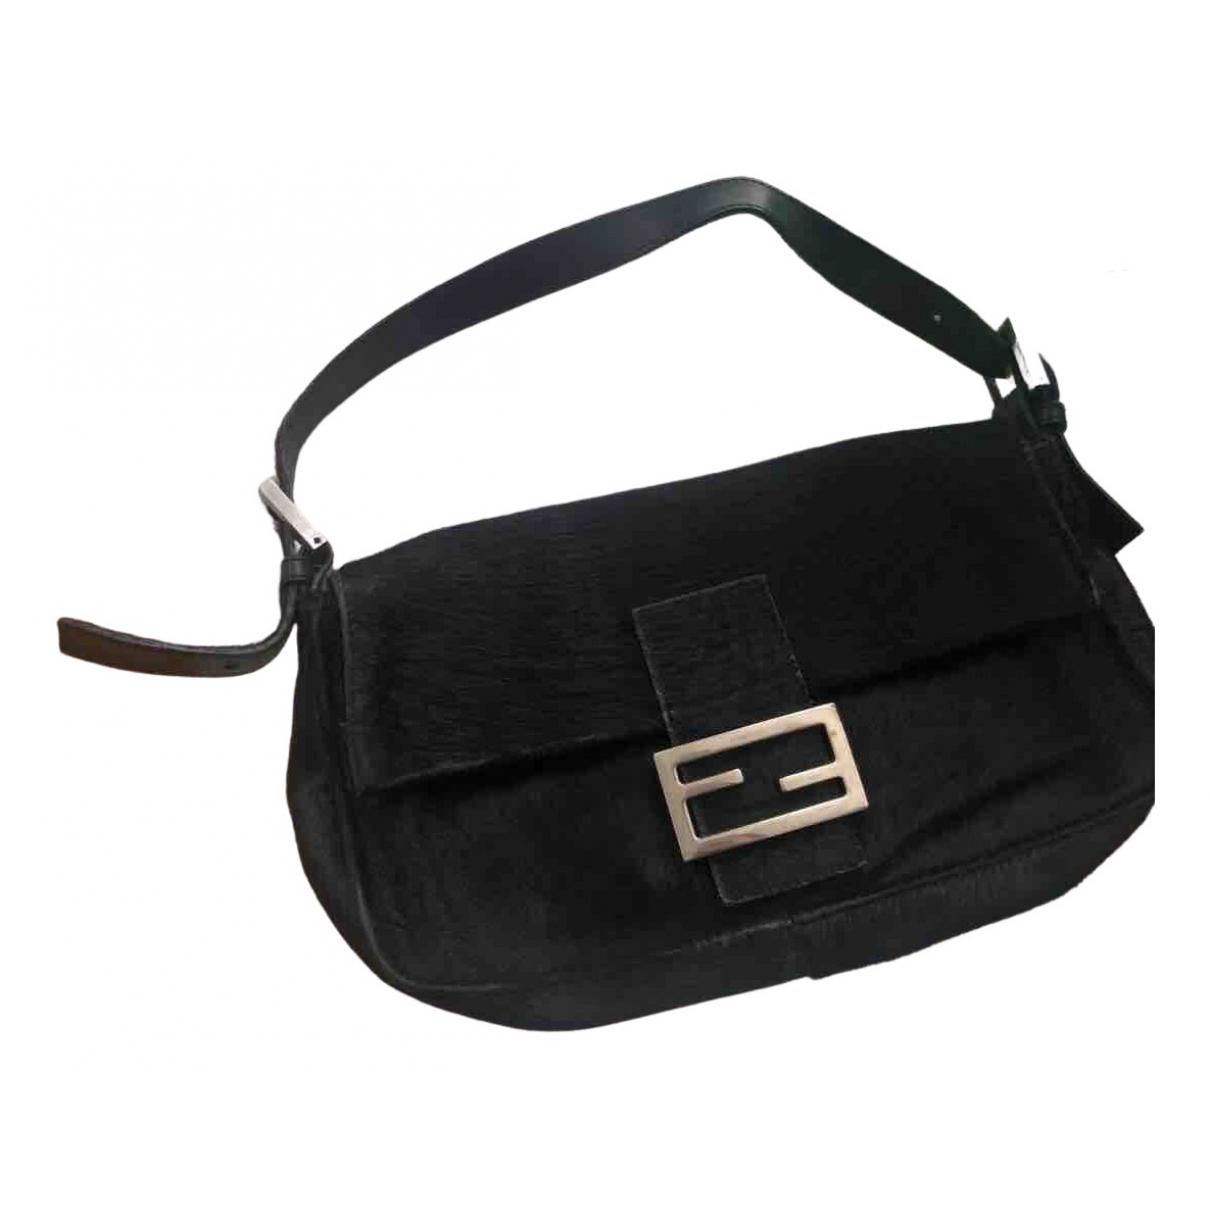 Fendi \N Handtasche in  Schwarz Kalbsleder in Pony-Optik